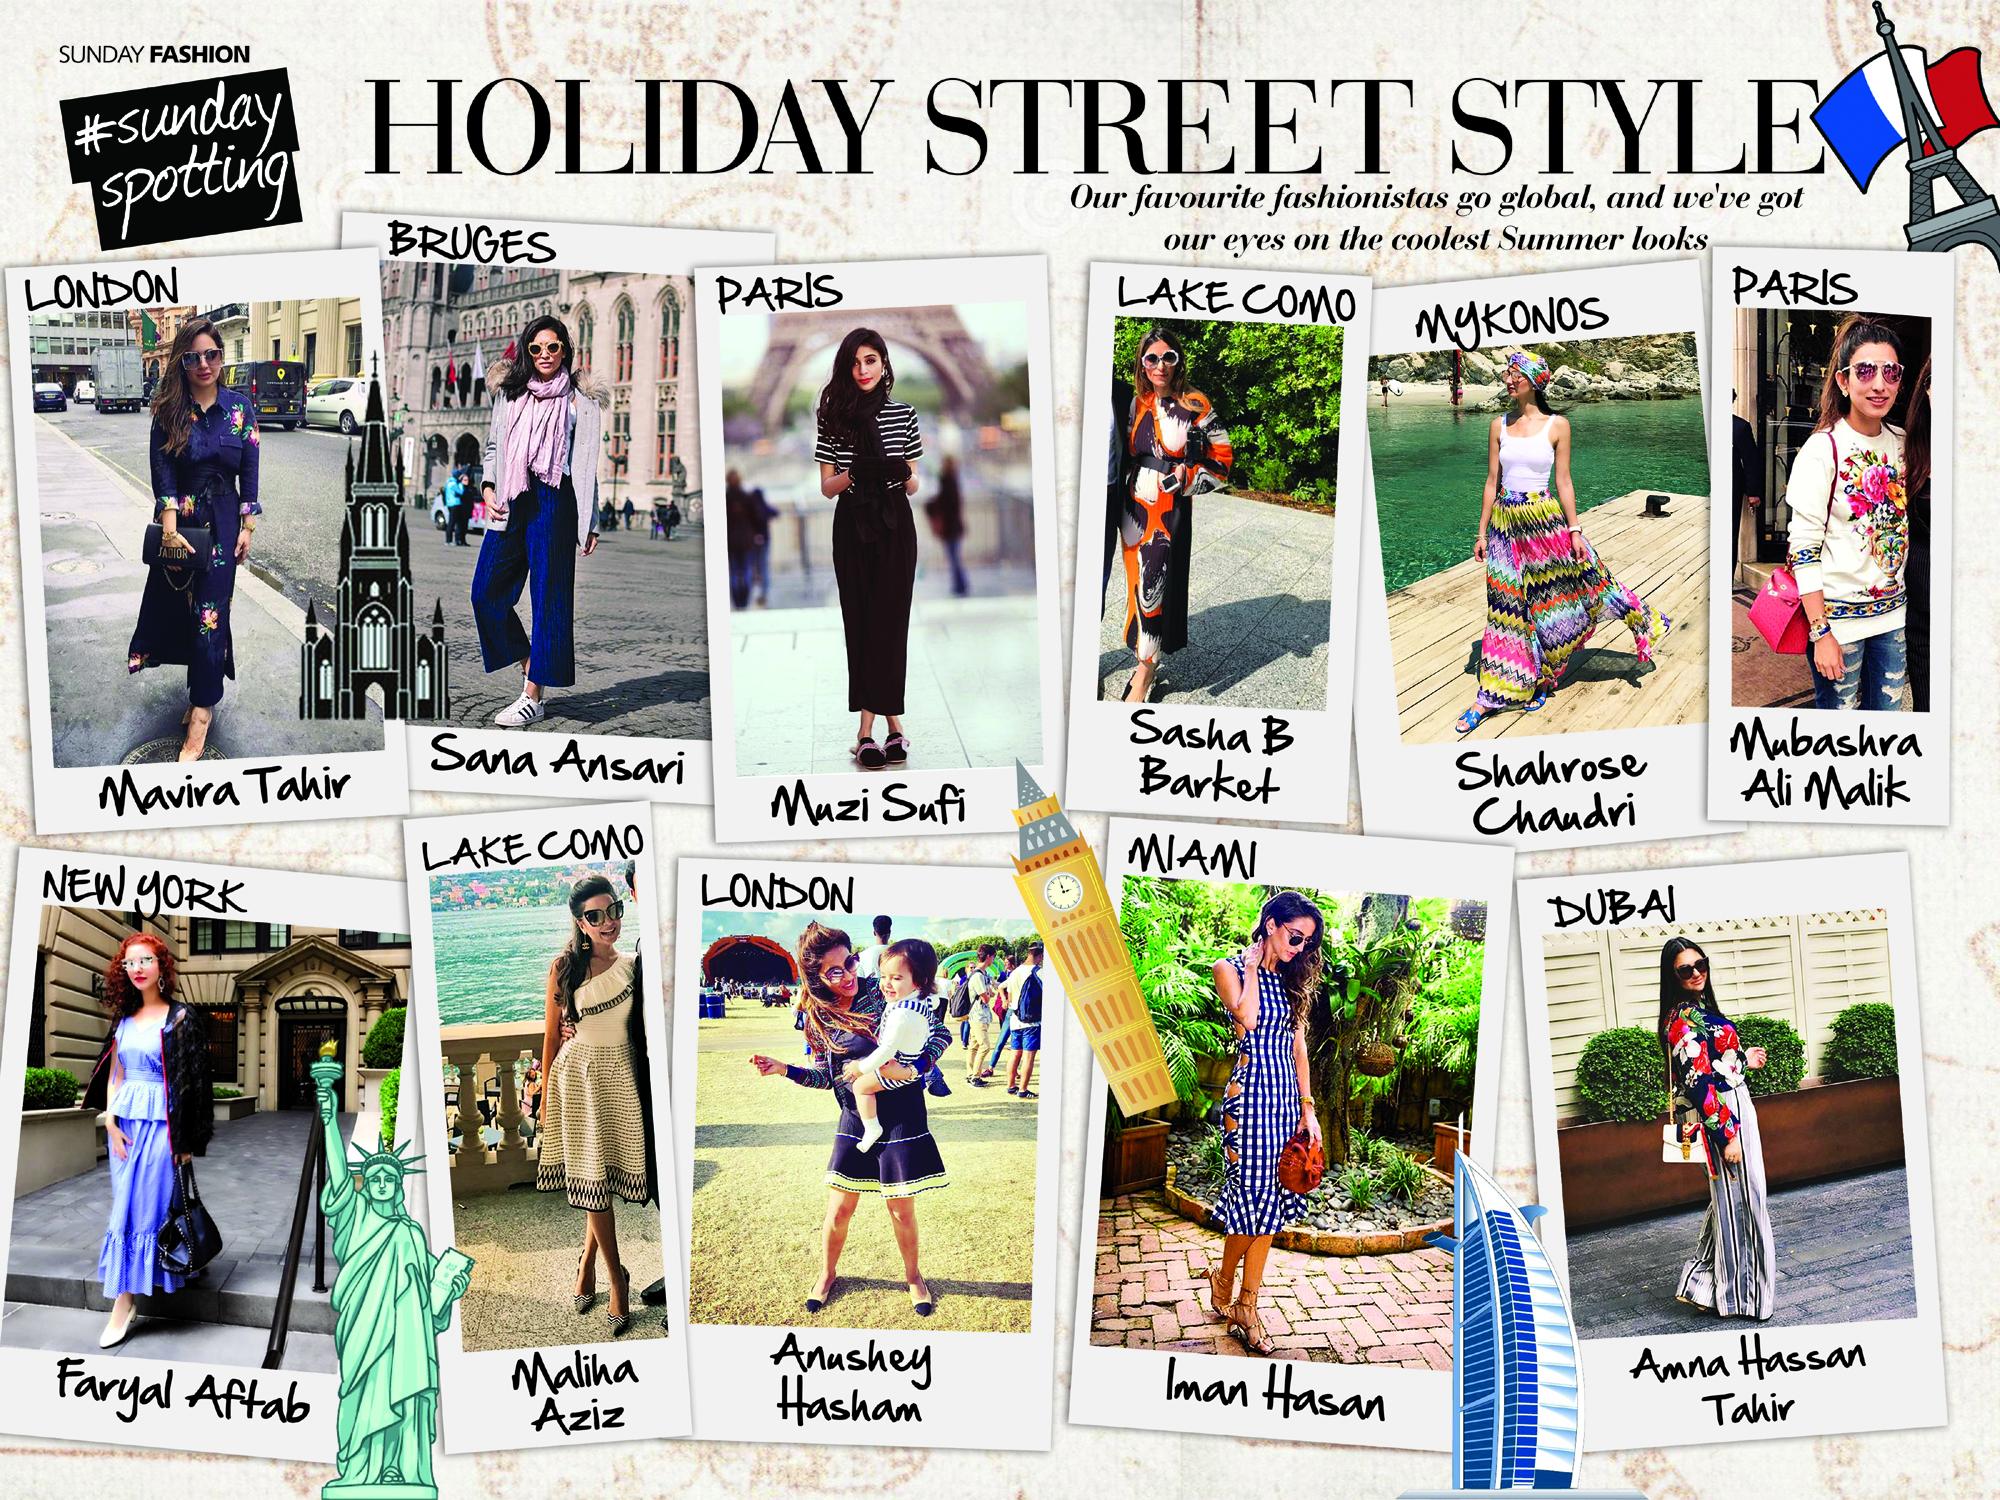 Holiday Street Style July 30-799 NEW copy - Copy (2)